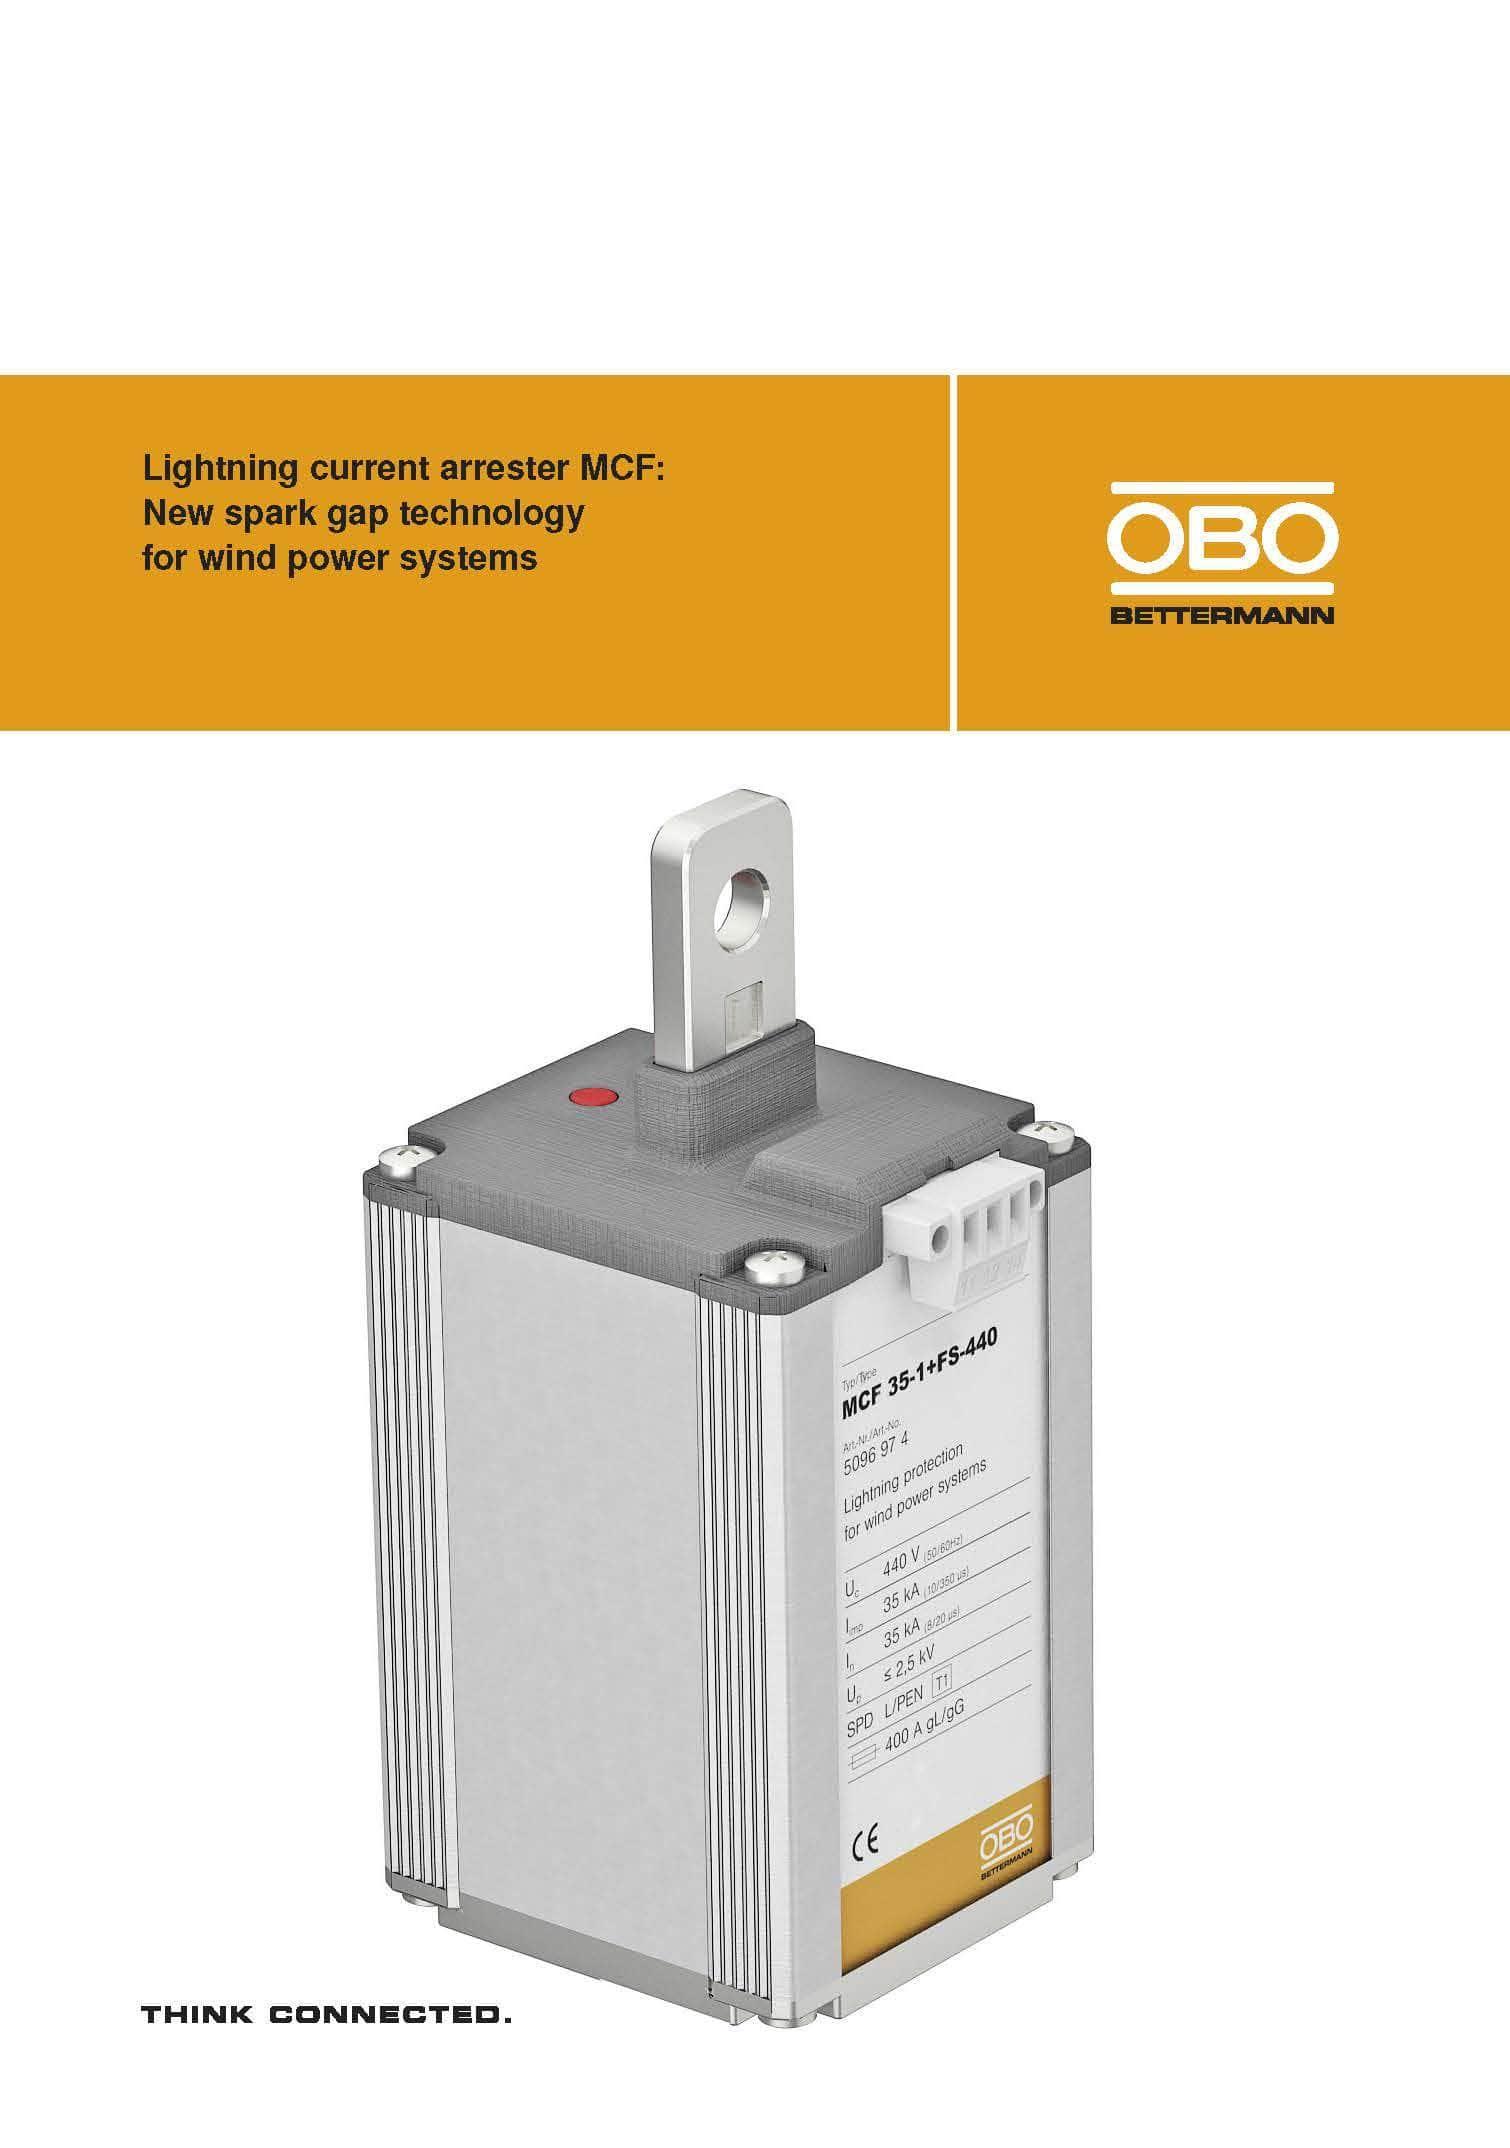 Protecciones MCF para sistemas de generación eólica